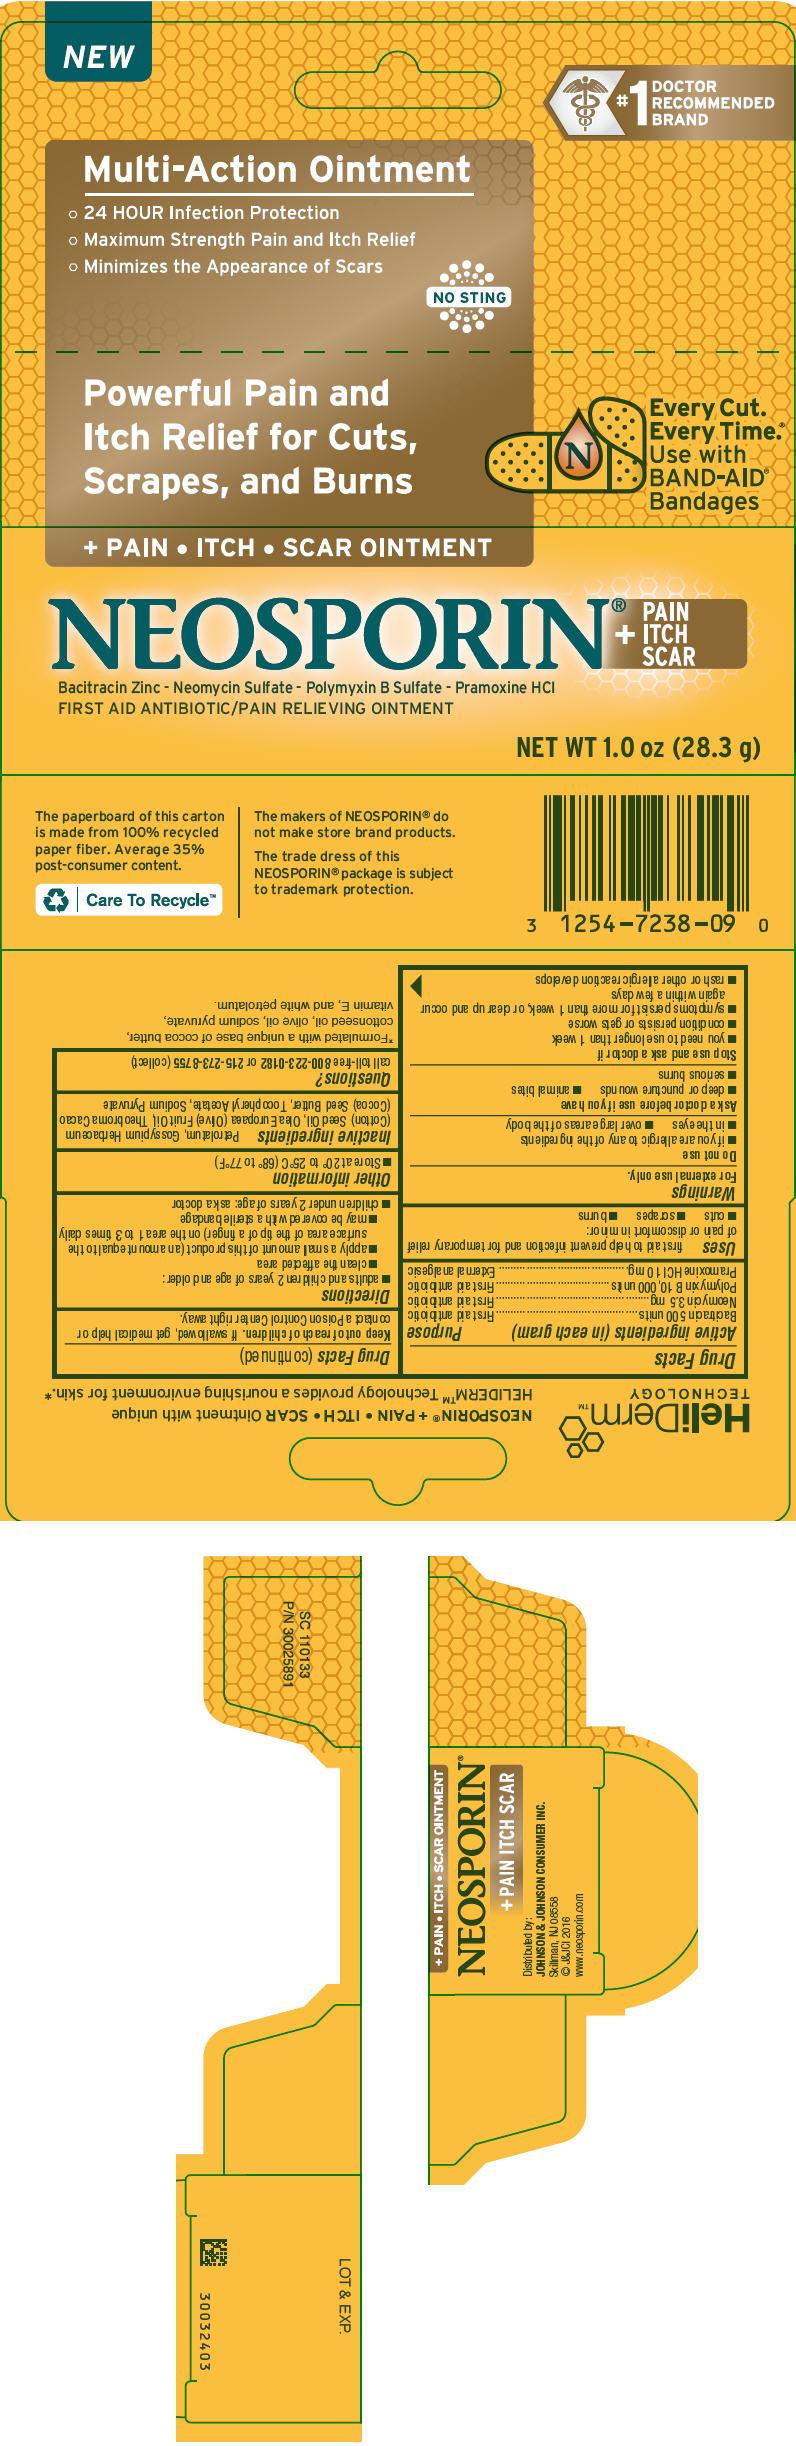 PRINCIPAL DISPLAY PANEL - 28.3 g Tube Carton